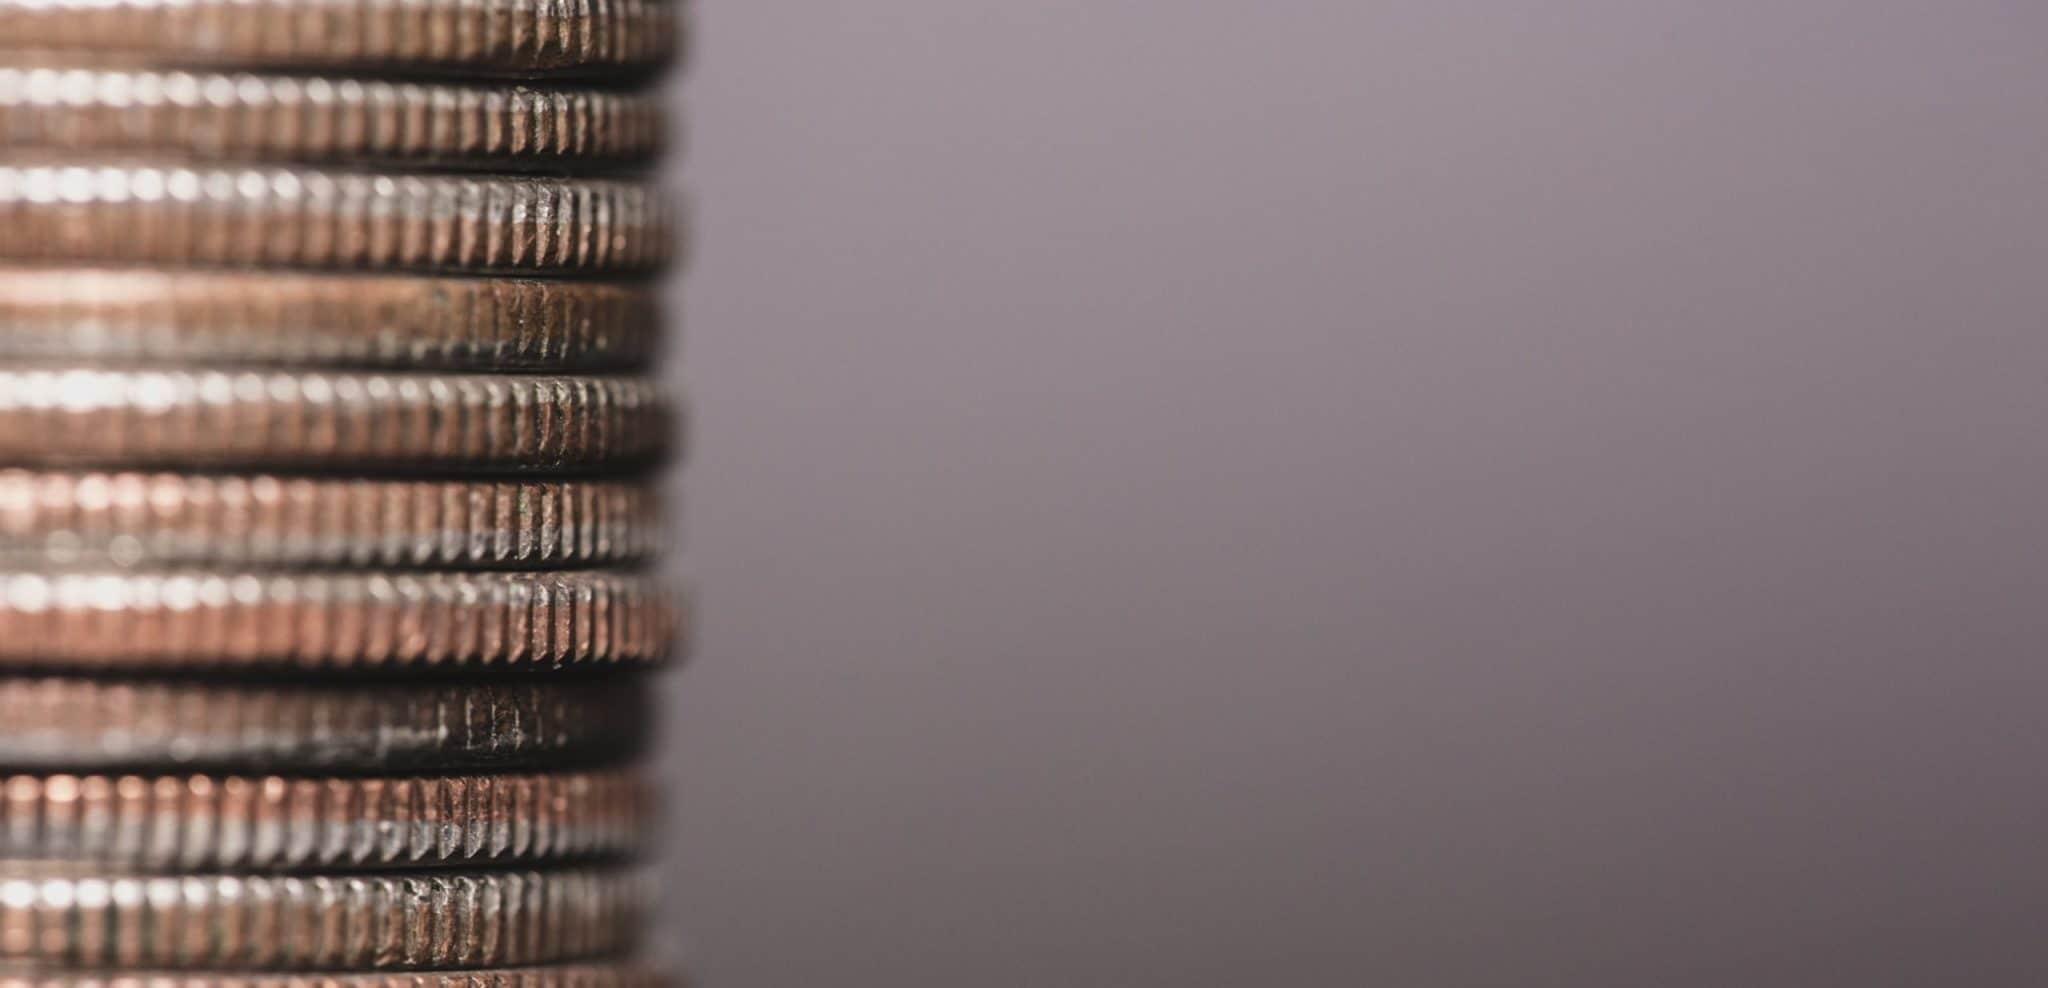 Une pile de pièce symbolisant le financement